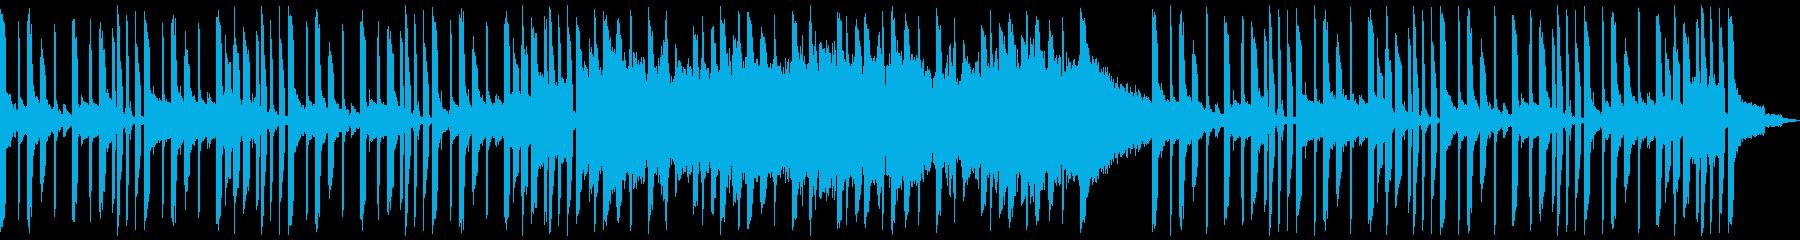 ポップ テクノ R&B ギャングス...の再生済みの波形